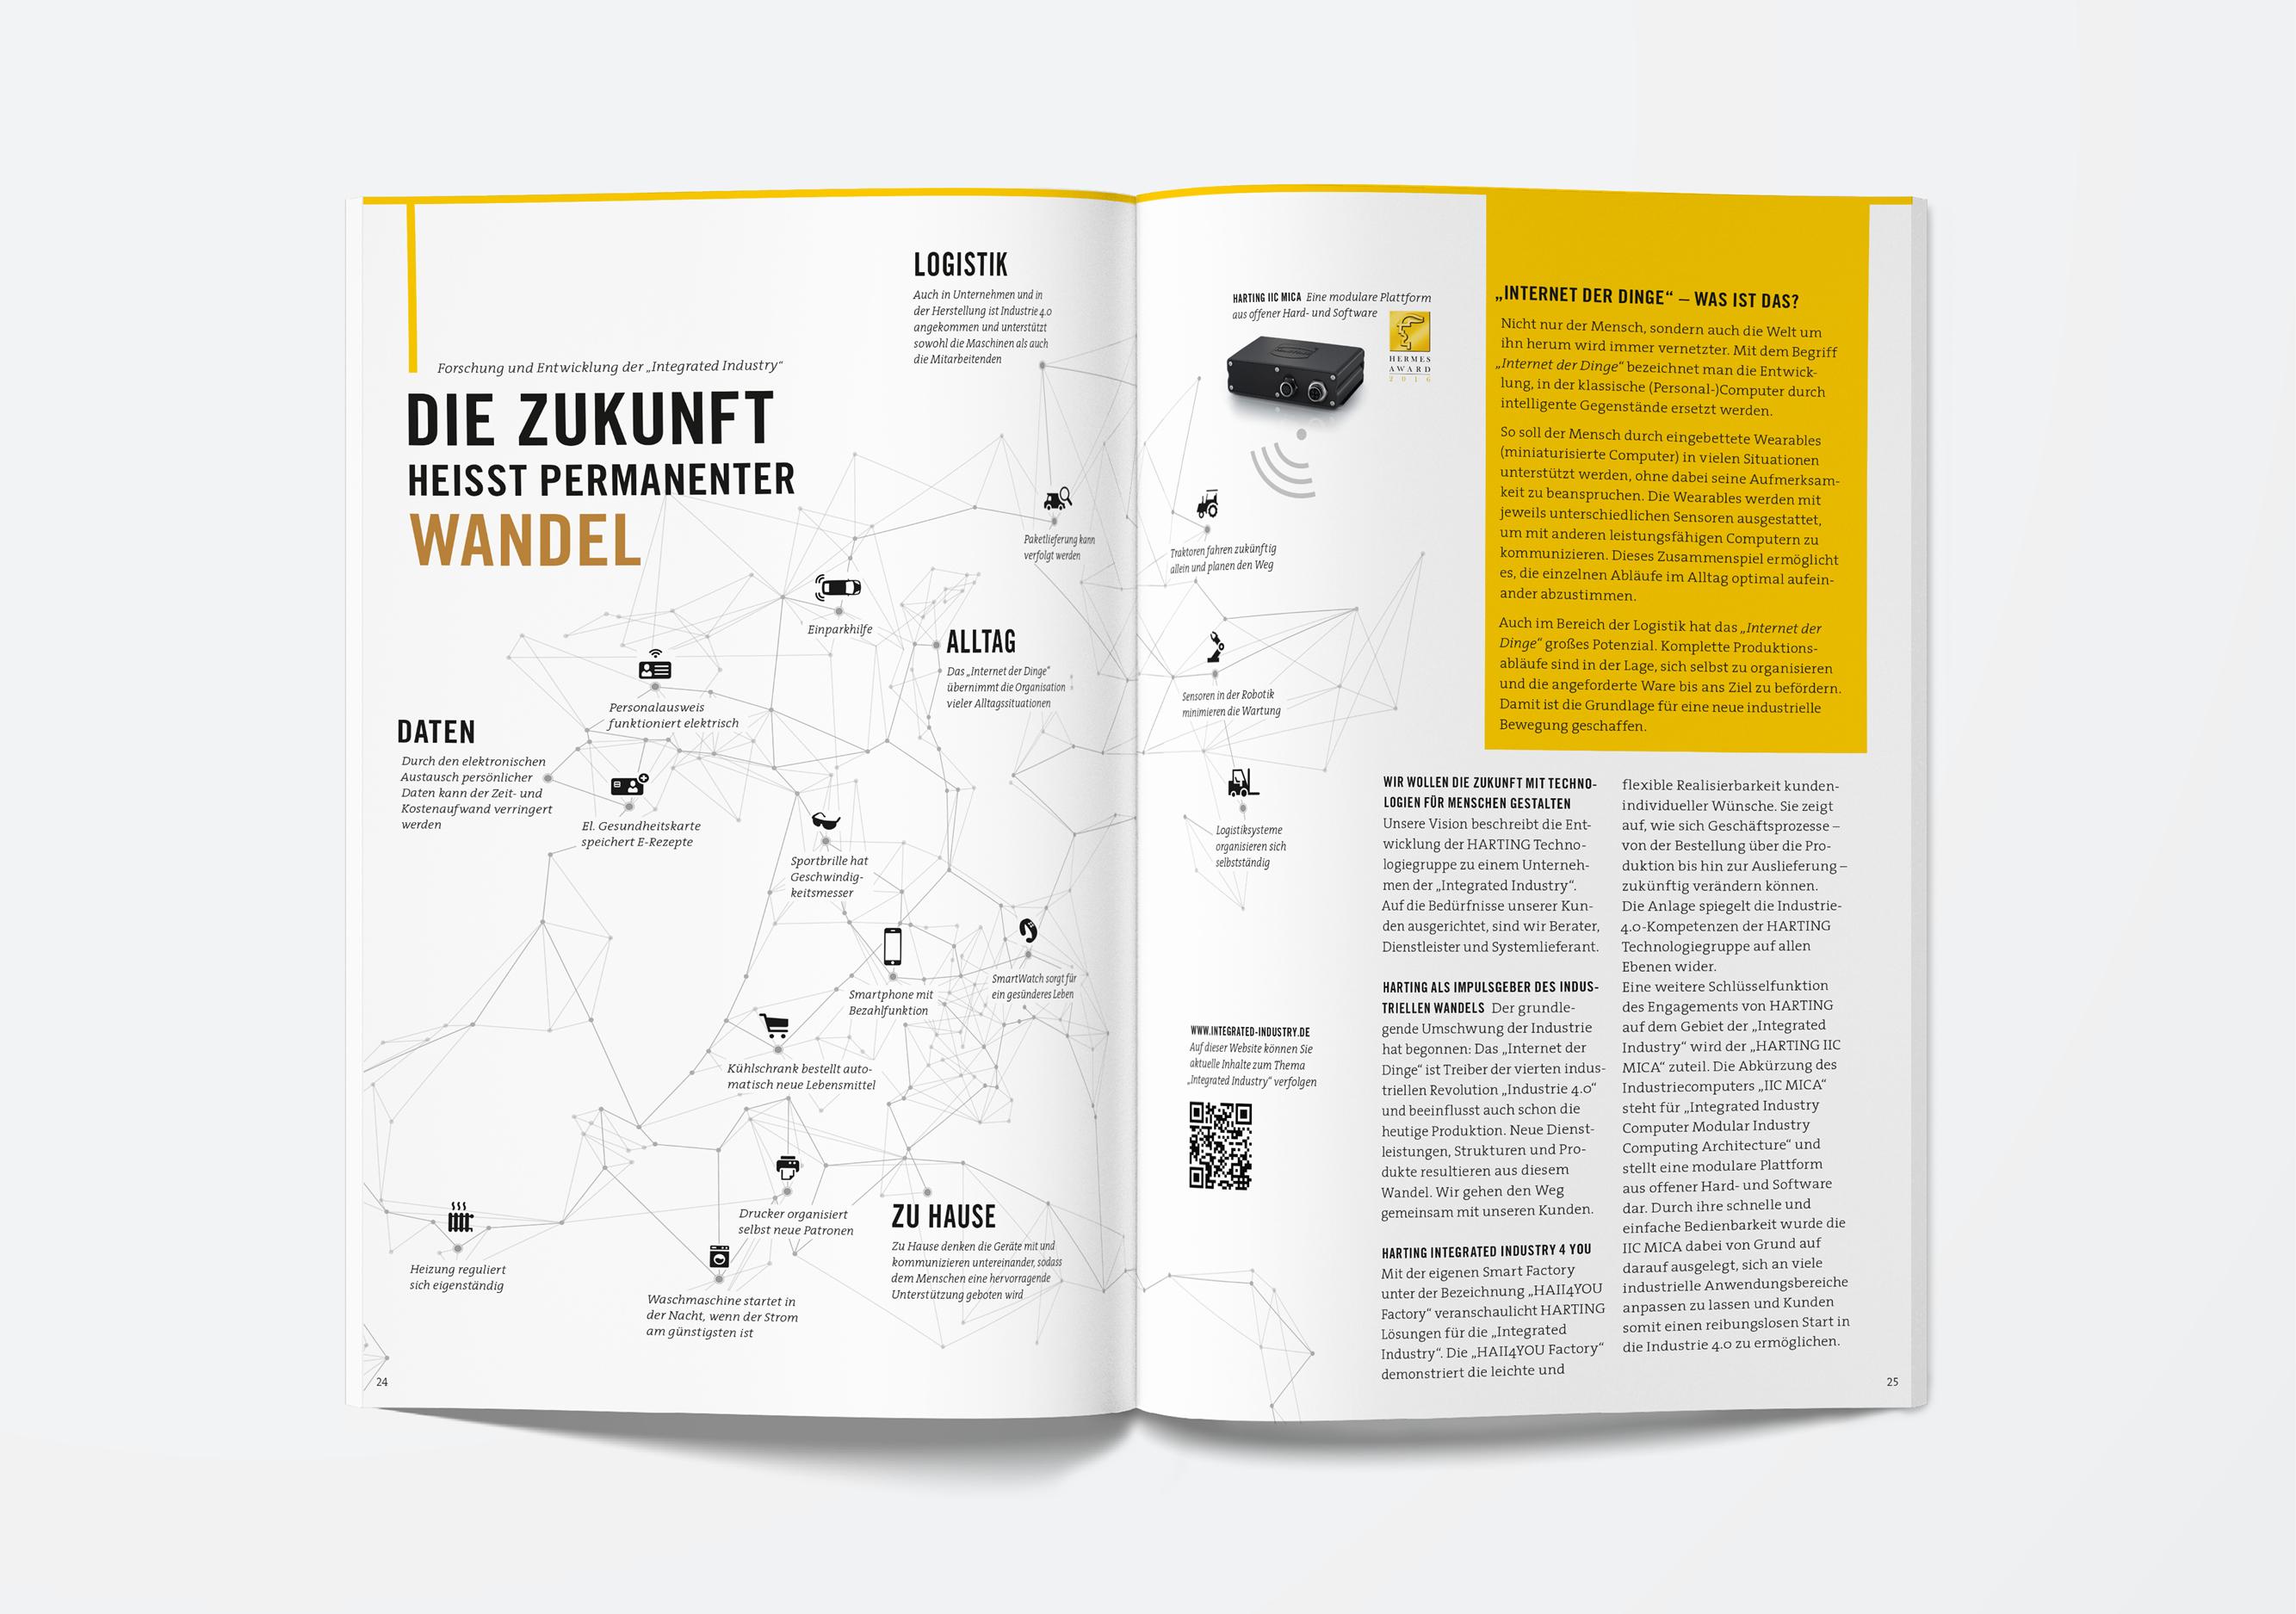 HARTING-Broschüre ©gobasil GmbH ~ Agentur für Kommunikation, Hamburg Hannover